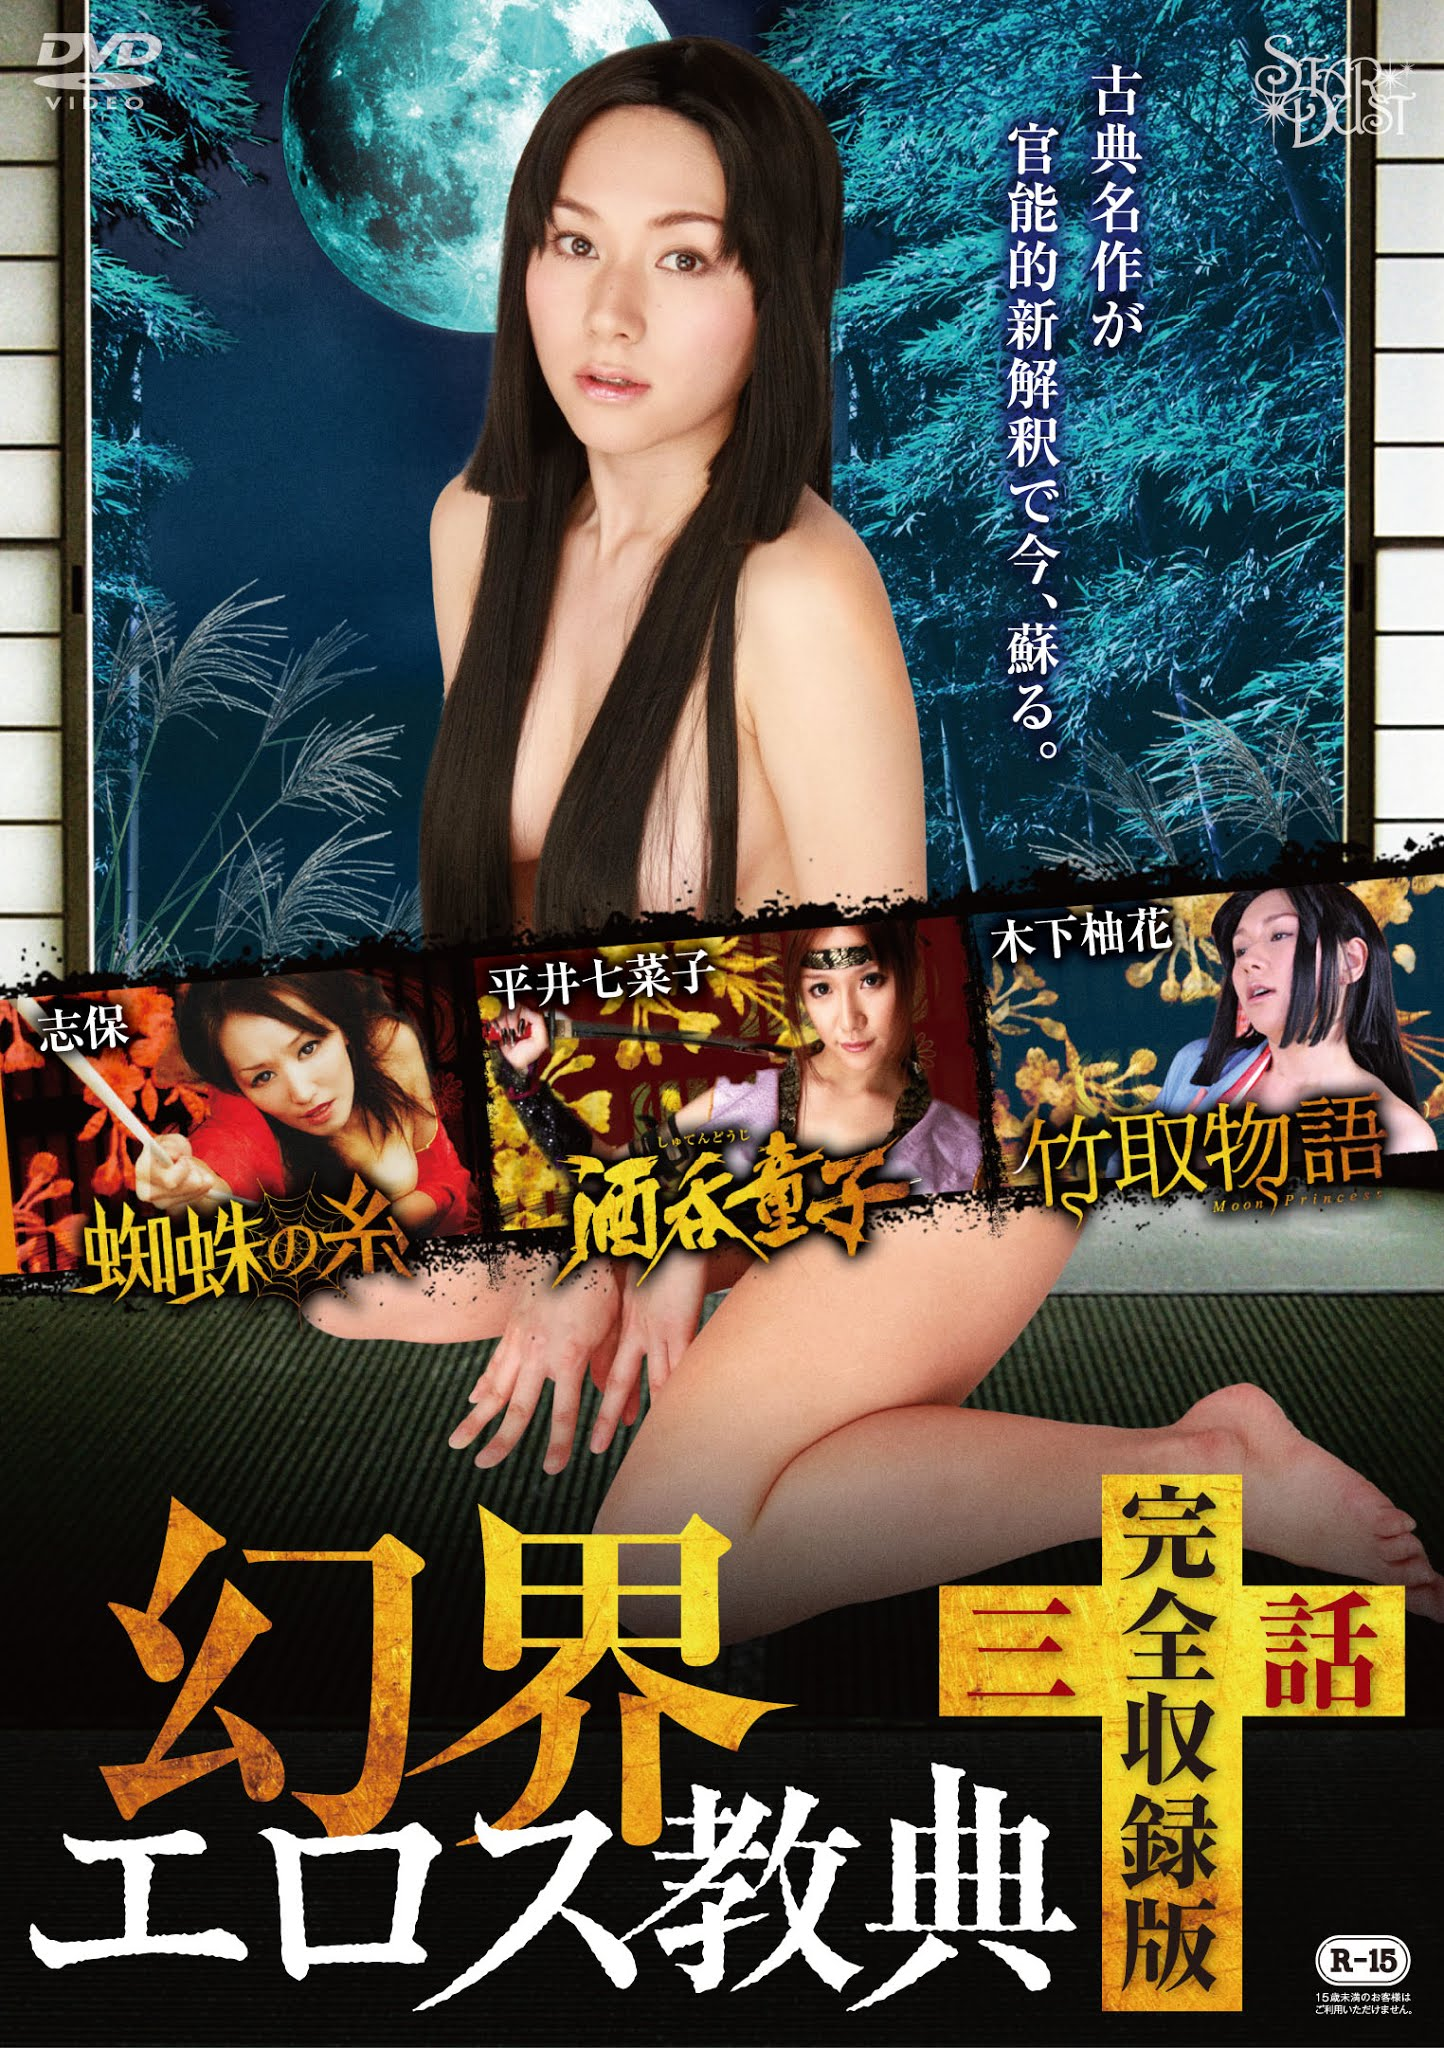 Genkai erotic scripture three episodes complete recording version 2012